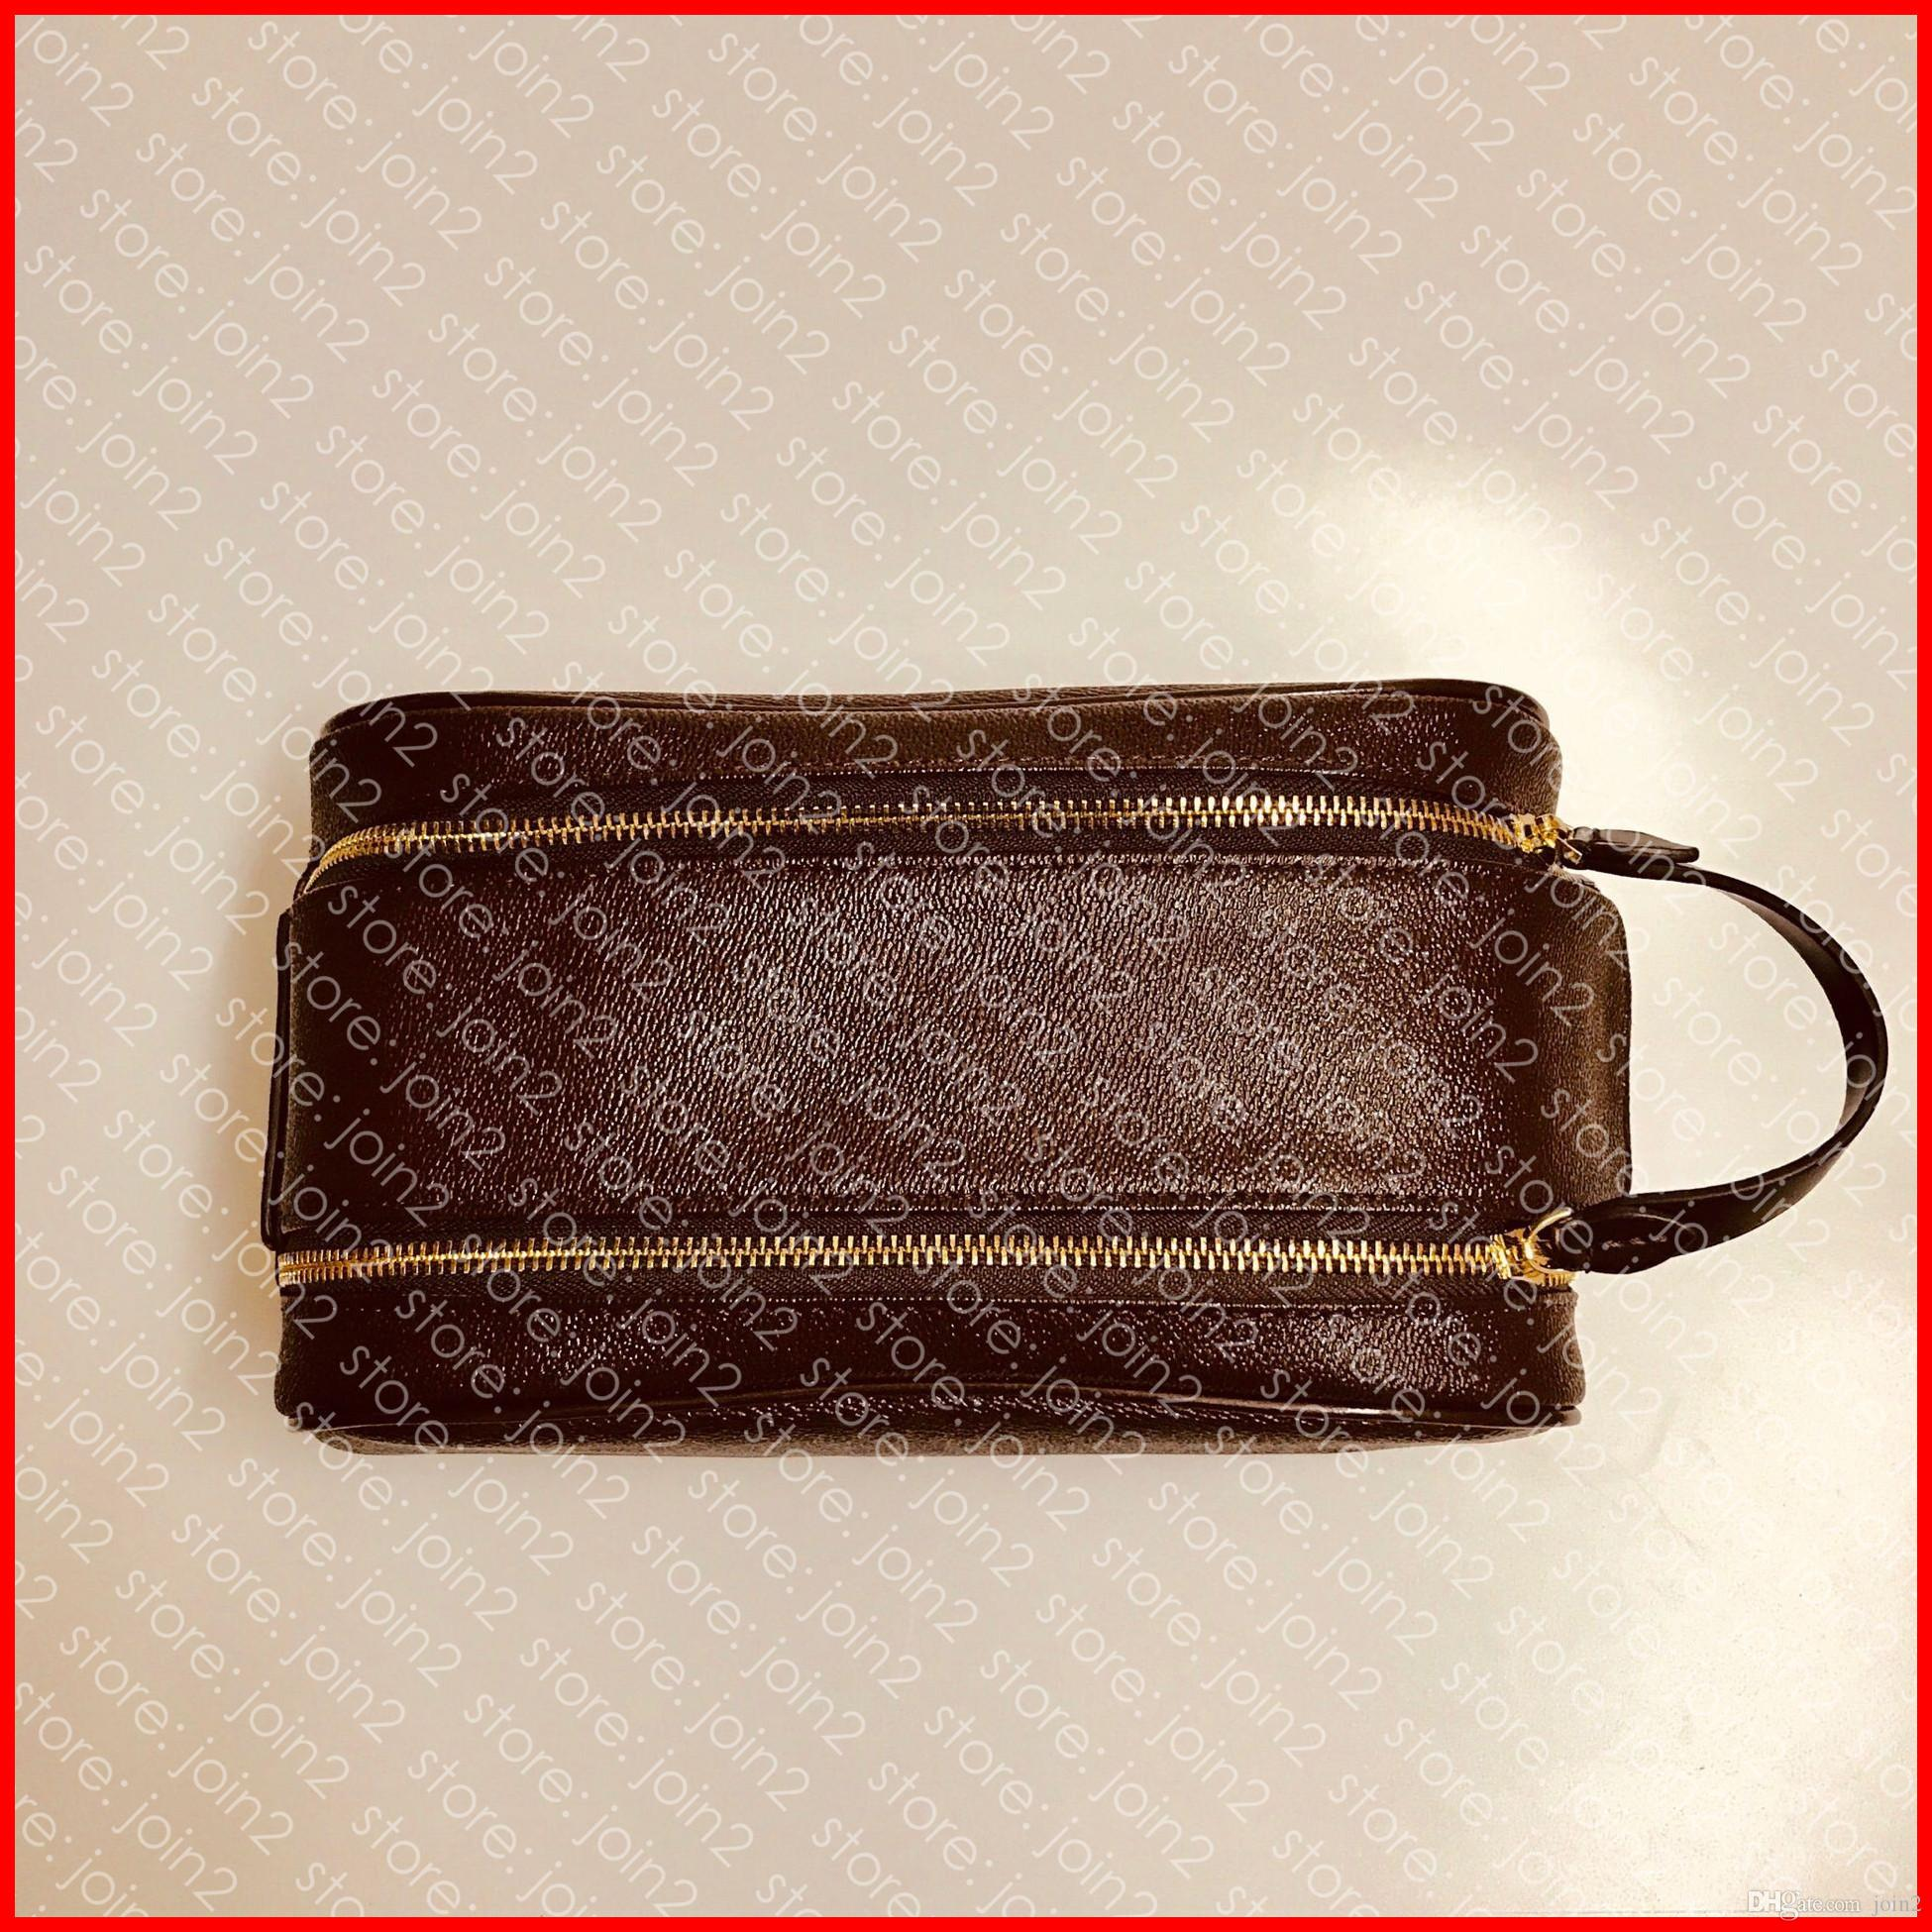 SAC DE TOILETTE KING SIZE 25 M47528 trousse de toilette pour femmes, sacs à main de luxe pour femmes de créateurs de mode